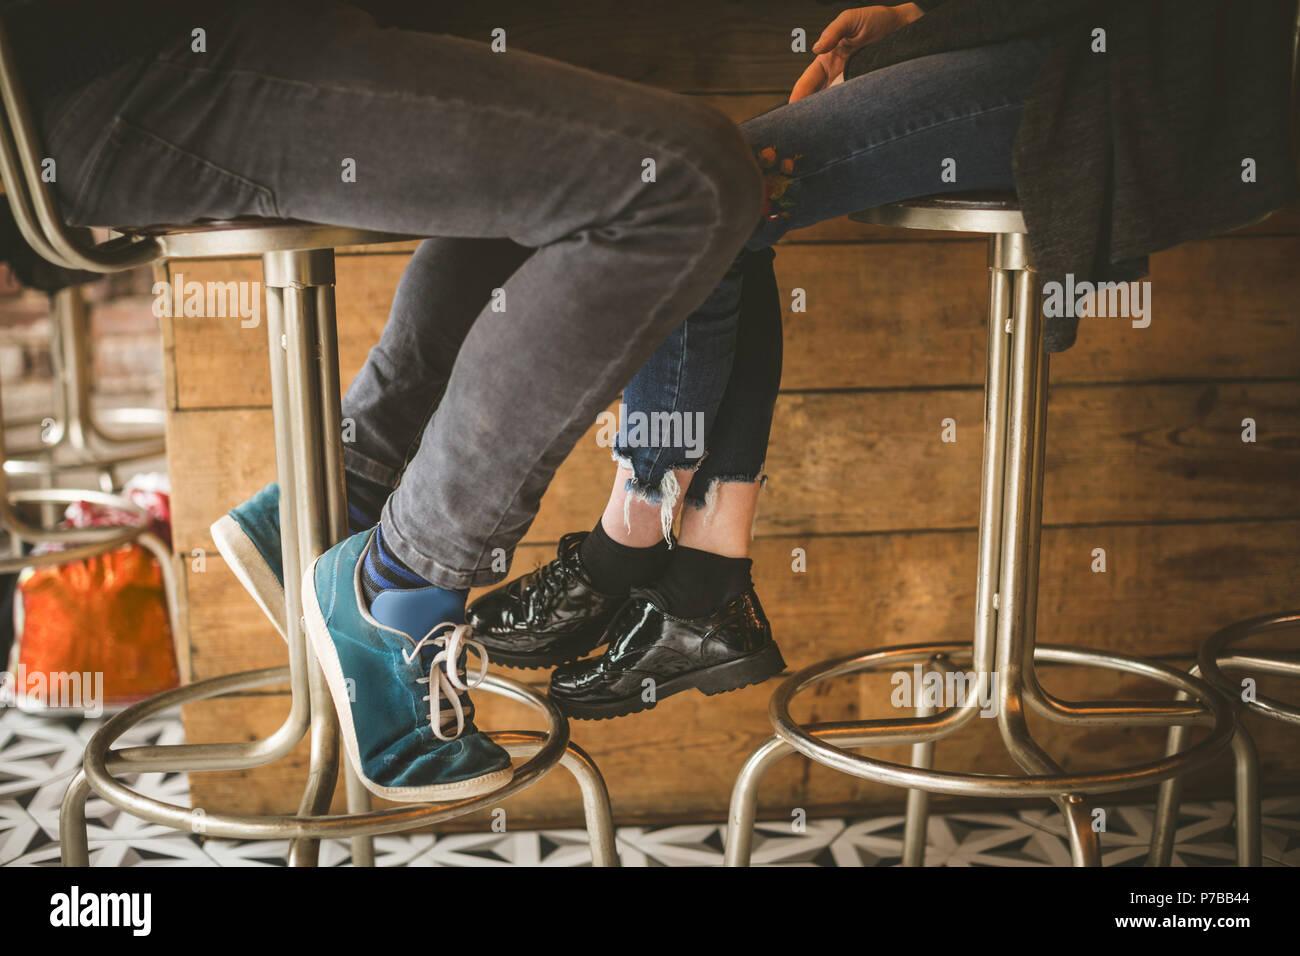 Le gambe del giovane seduto al banco bar Immagini Stock